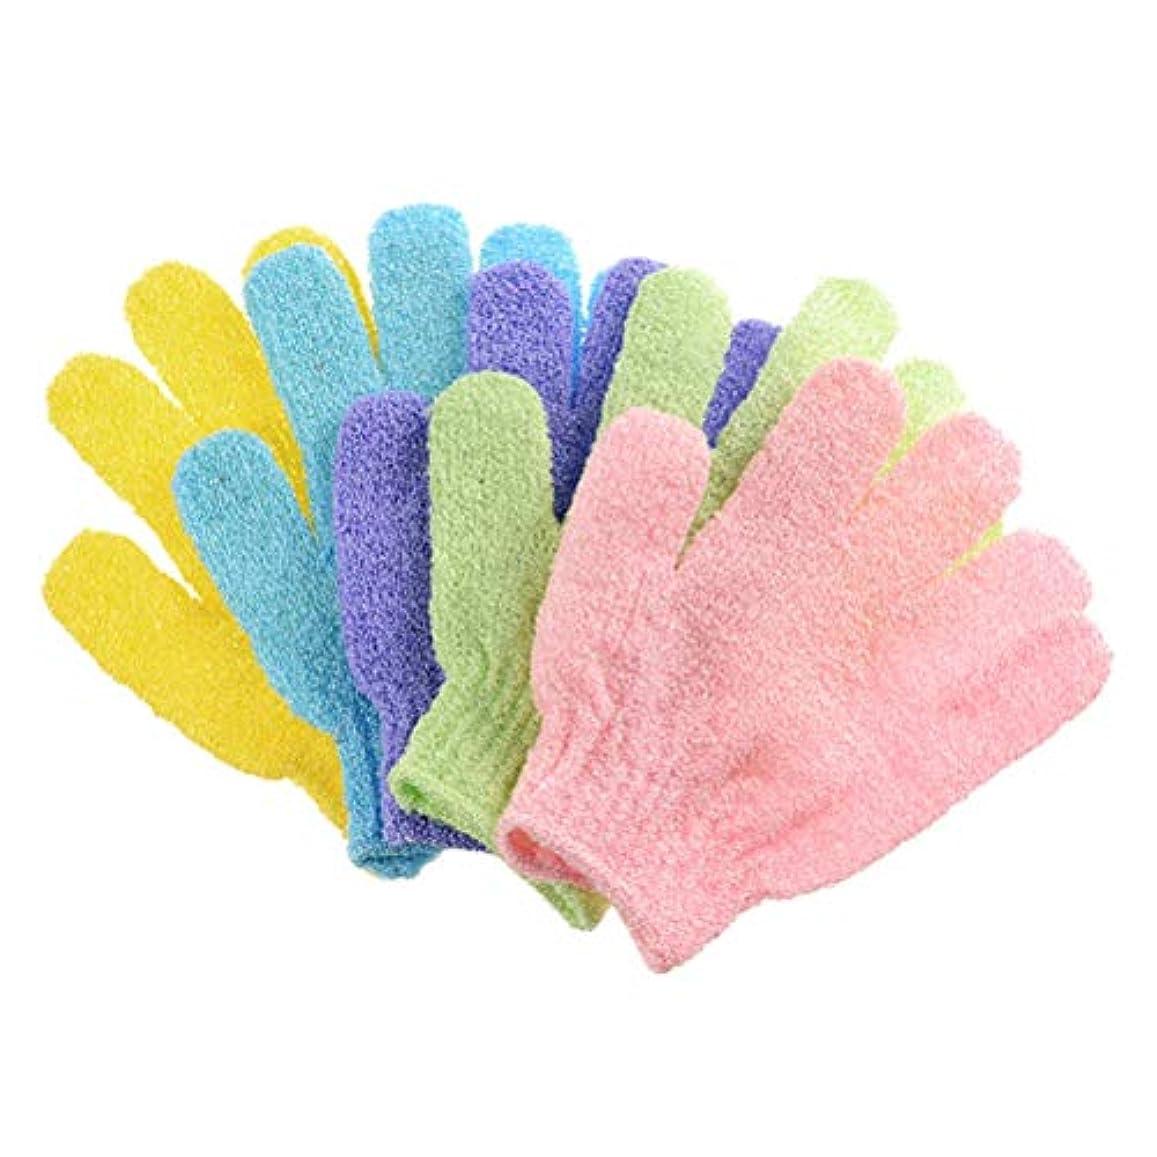 つかまえるパキスタン人ブリークTOPBATHY 20ピースバスウォッシュタオル剥離バスクロス手袋バックスクラバーバスクロスタオルボディ用入浴用シャワースパ(混色)